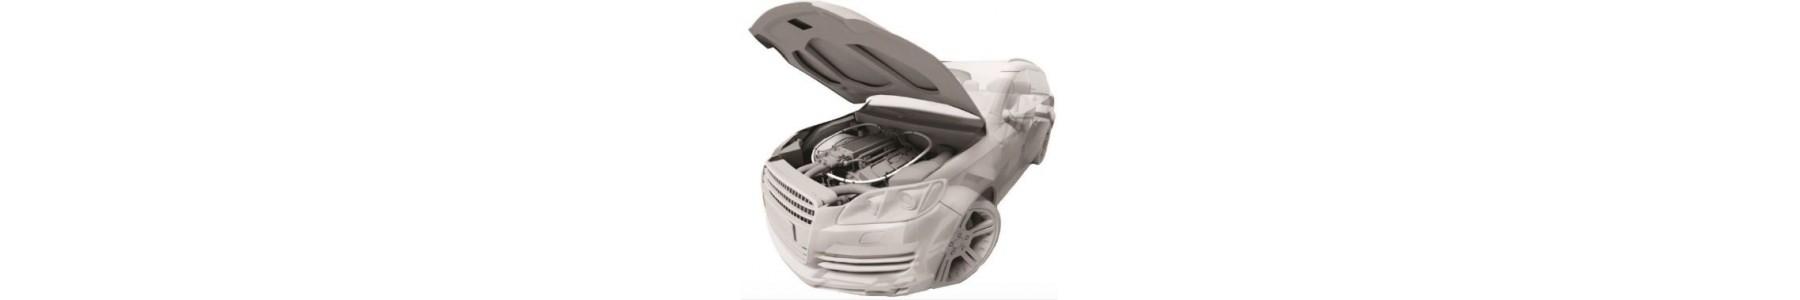 Συστήματα κατάσβεσης οχημάτων - ηλ.πινάκων